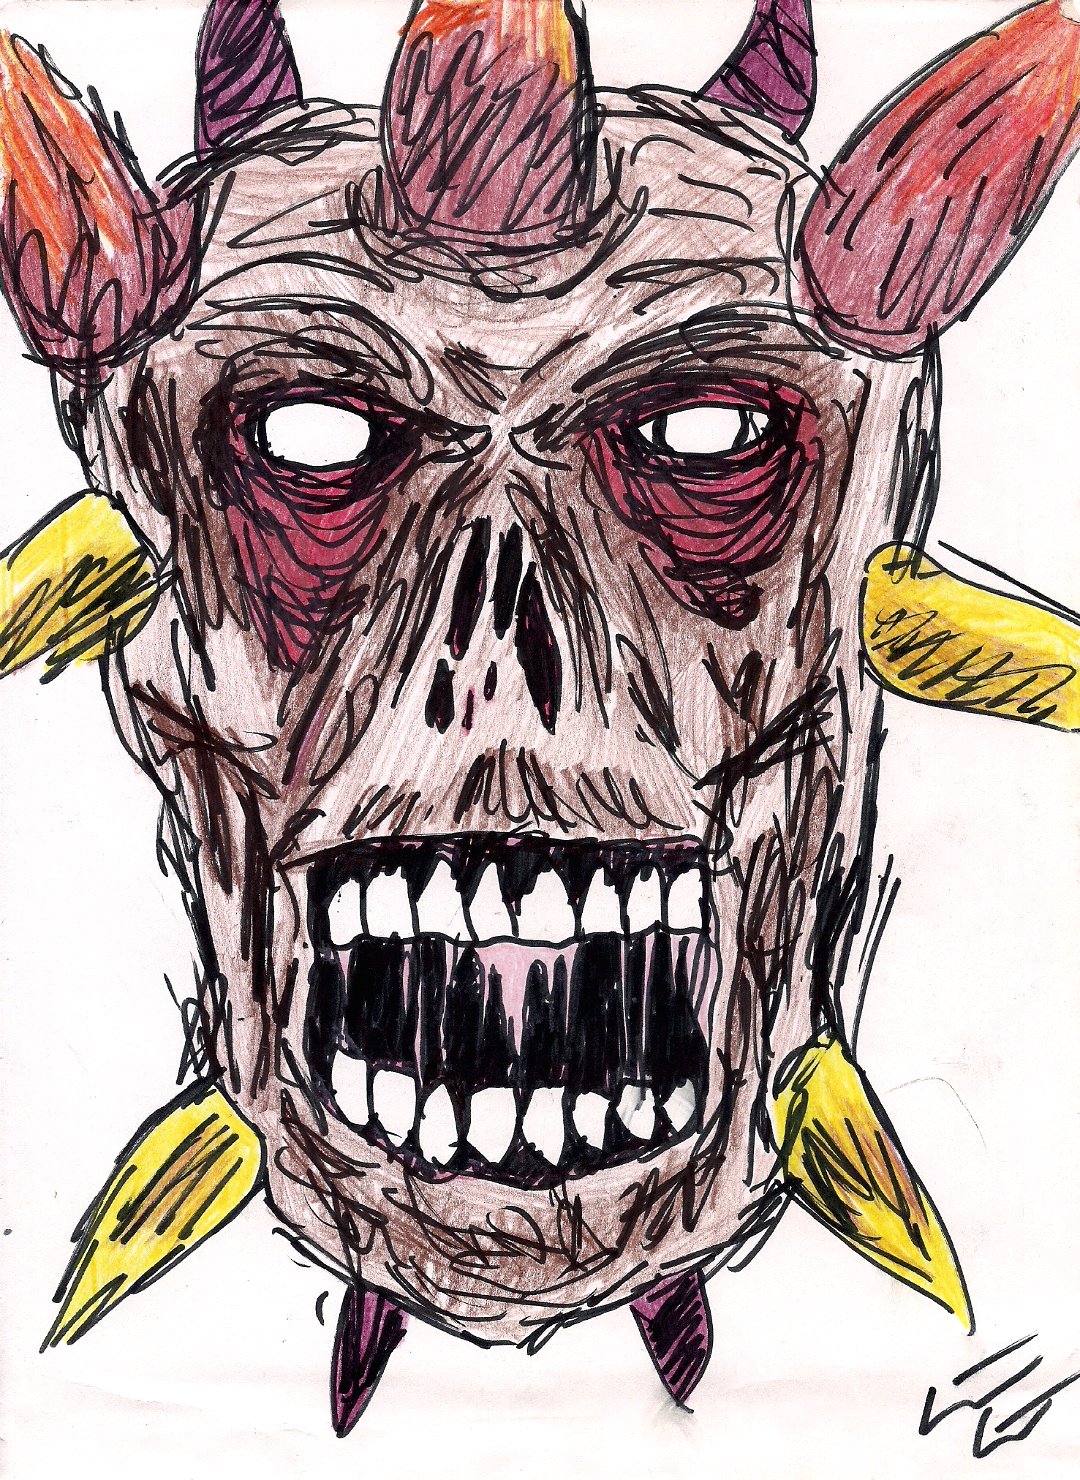 Facebones?!?! XP